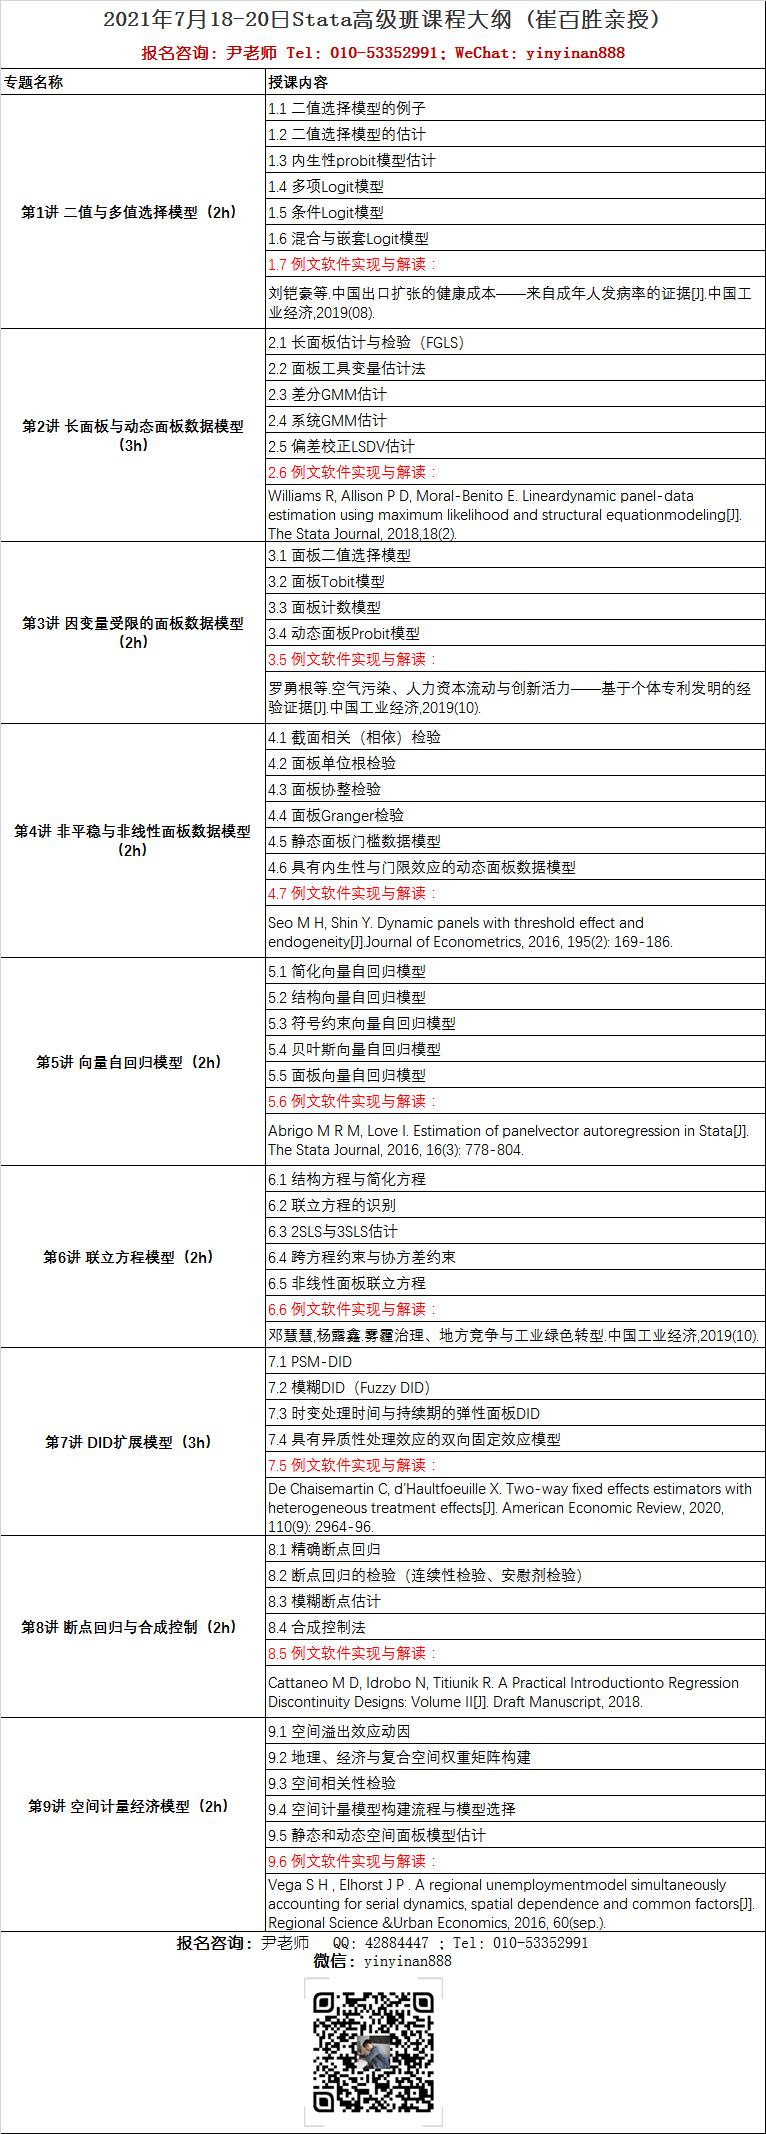 Stata高级-202107课纲.png